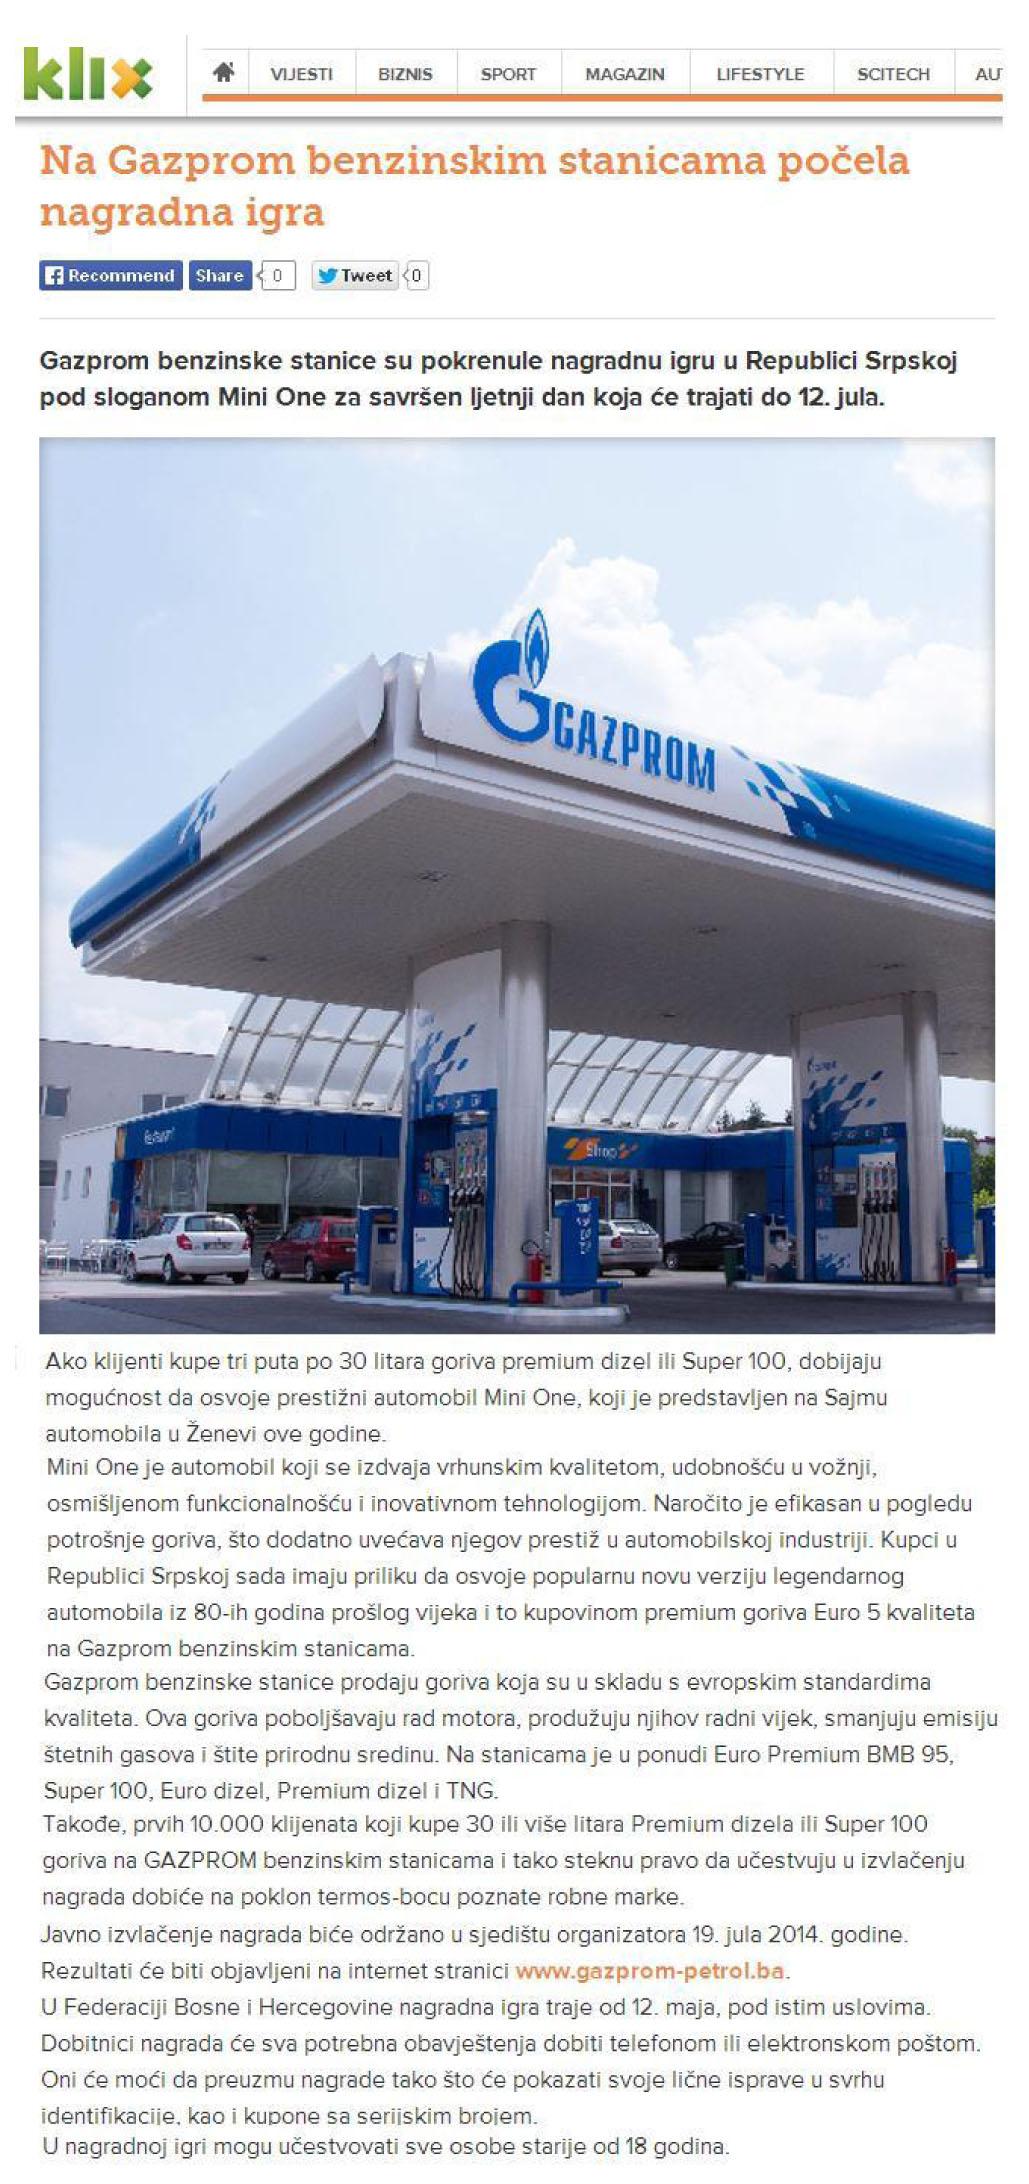 Na Gazprom benzinskim stanicama počela nagradna igra